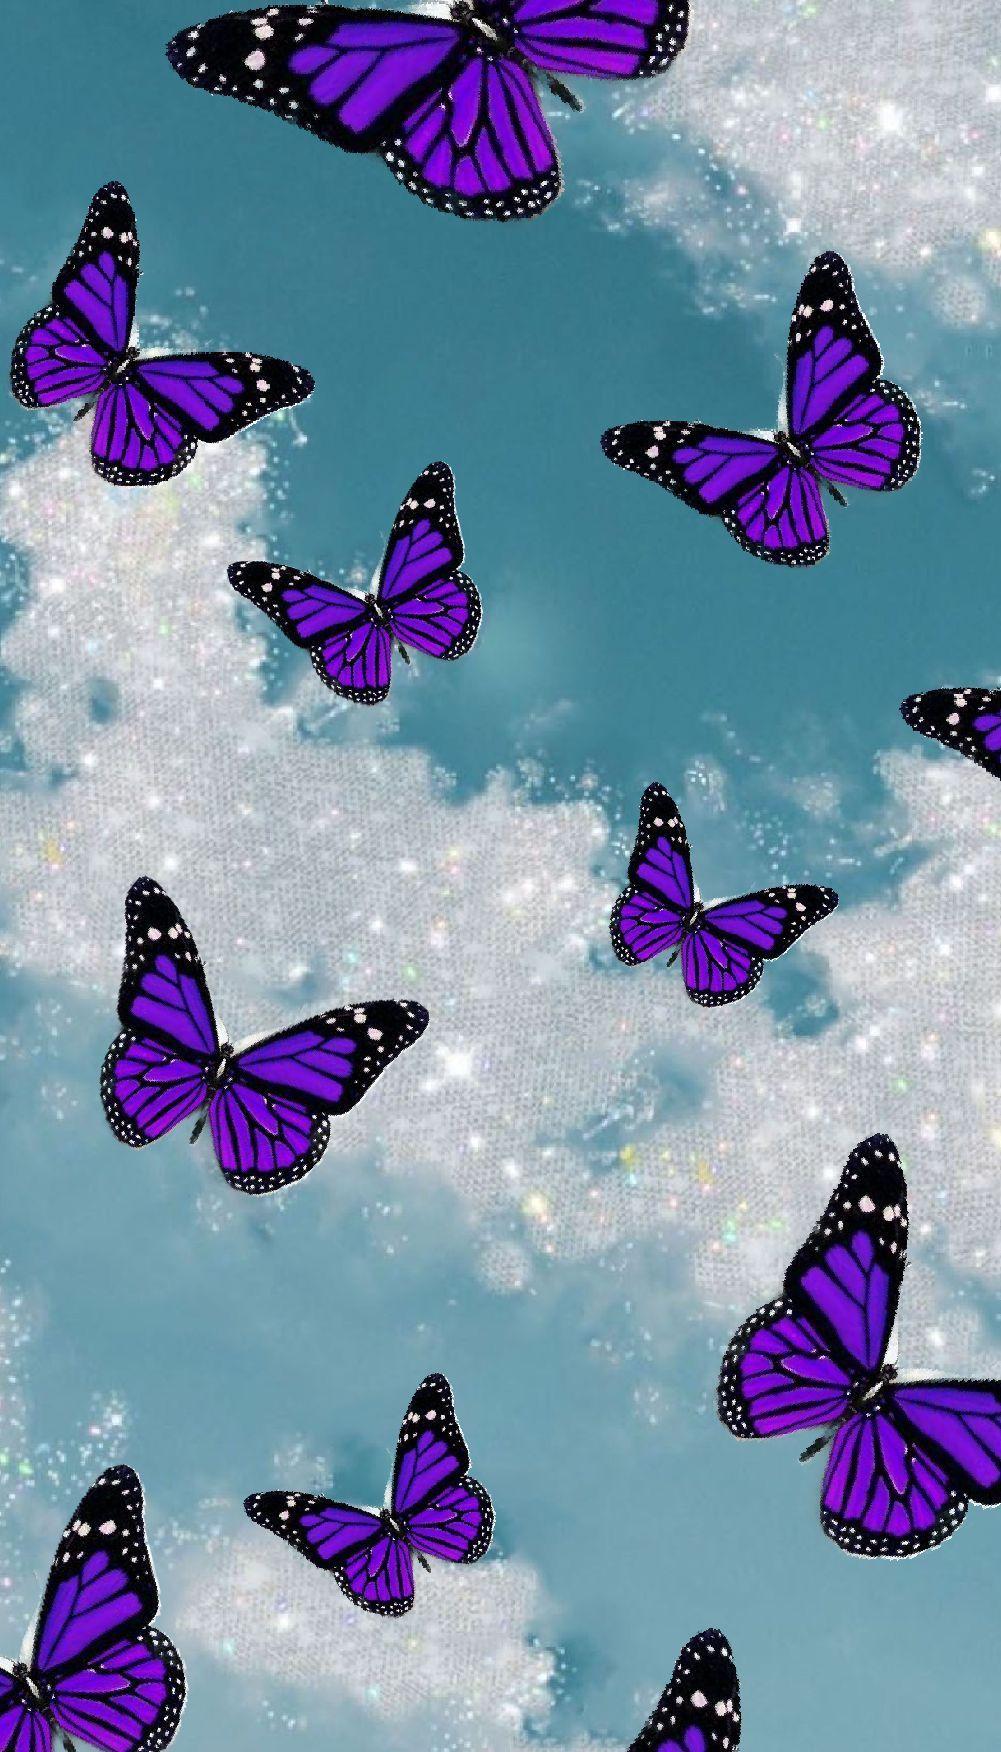 Purple Butterflies Blue Sky Butterfly Wallpaper Iphone Purple Butterfly Wallpaper Butterfly Wallpaper